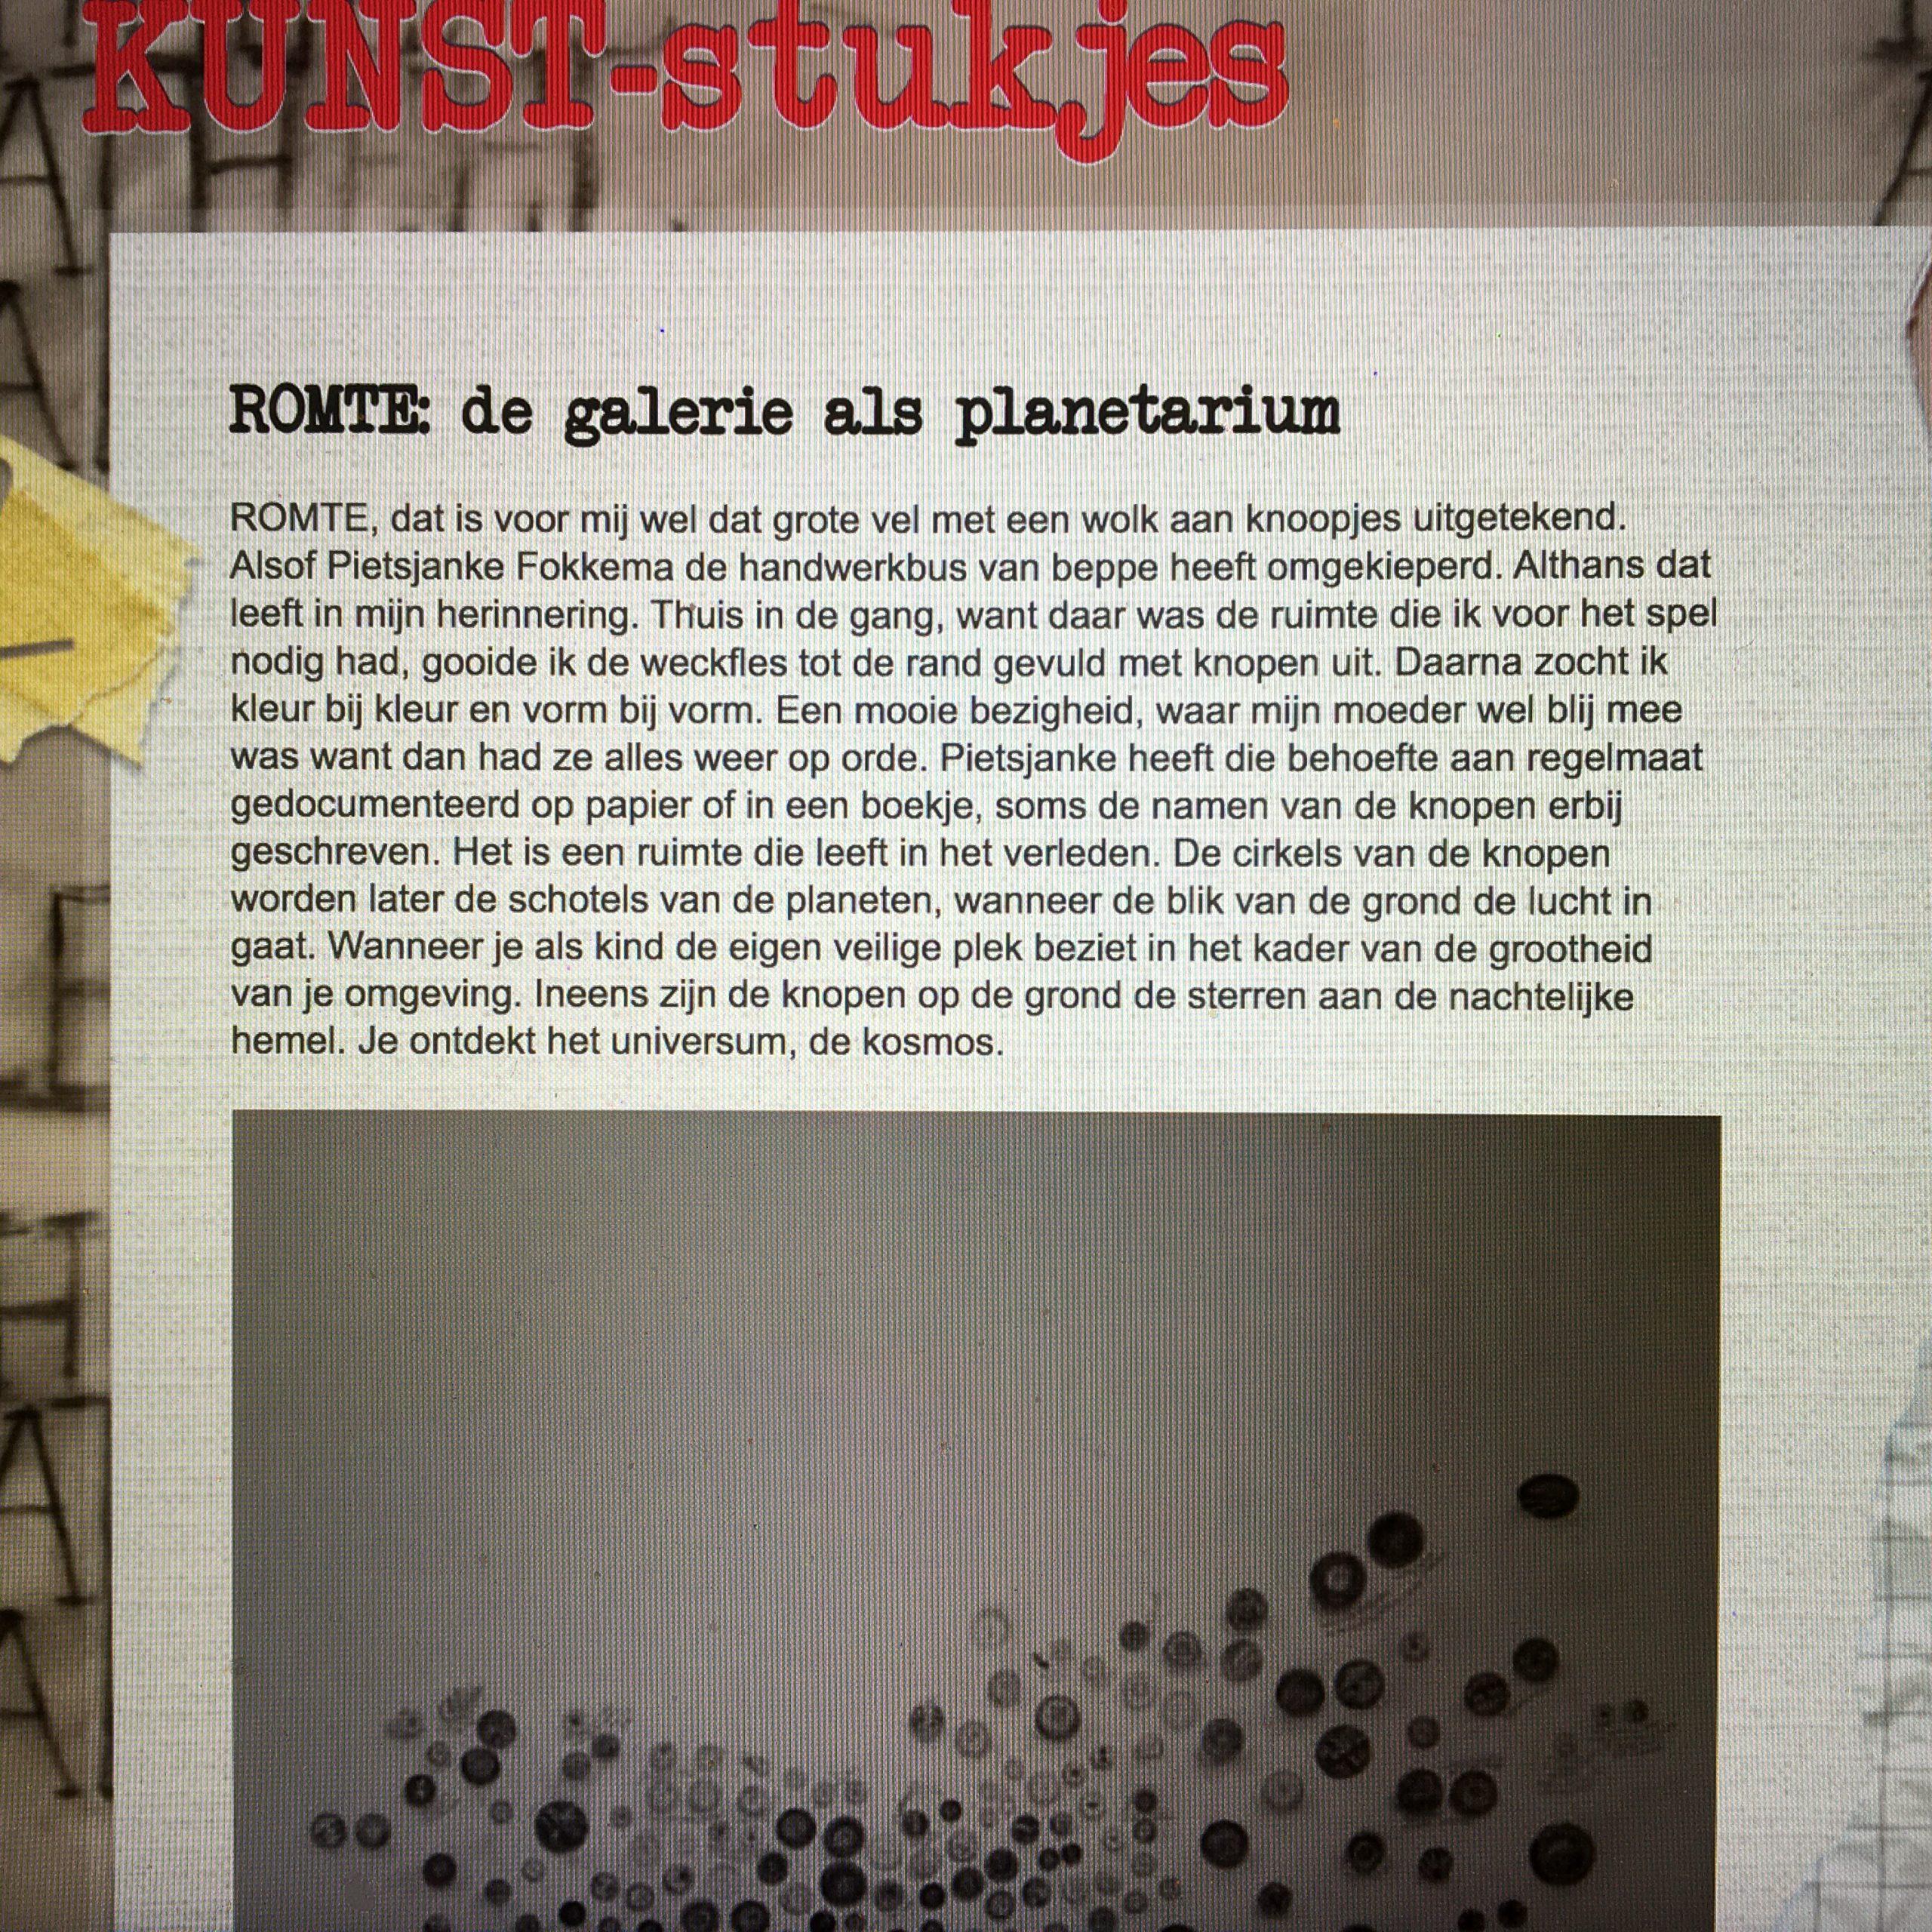 ROMTE: de galerie als planetarium